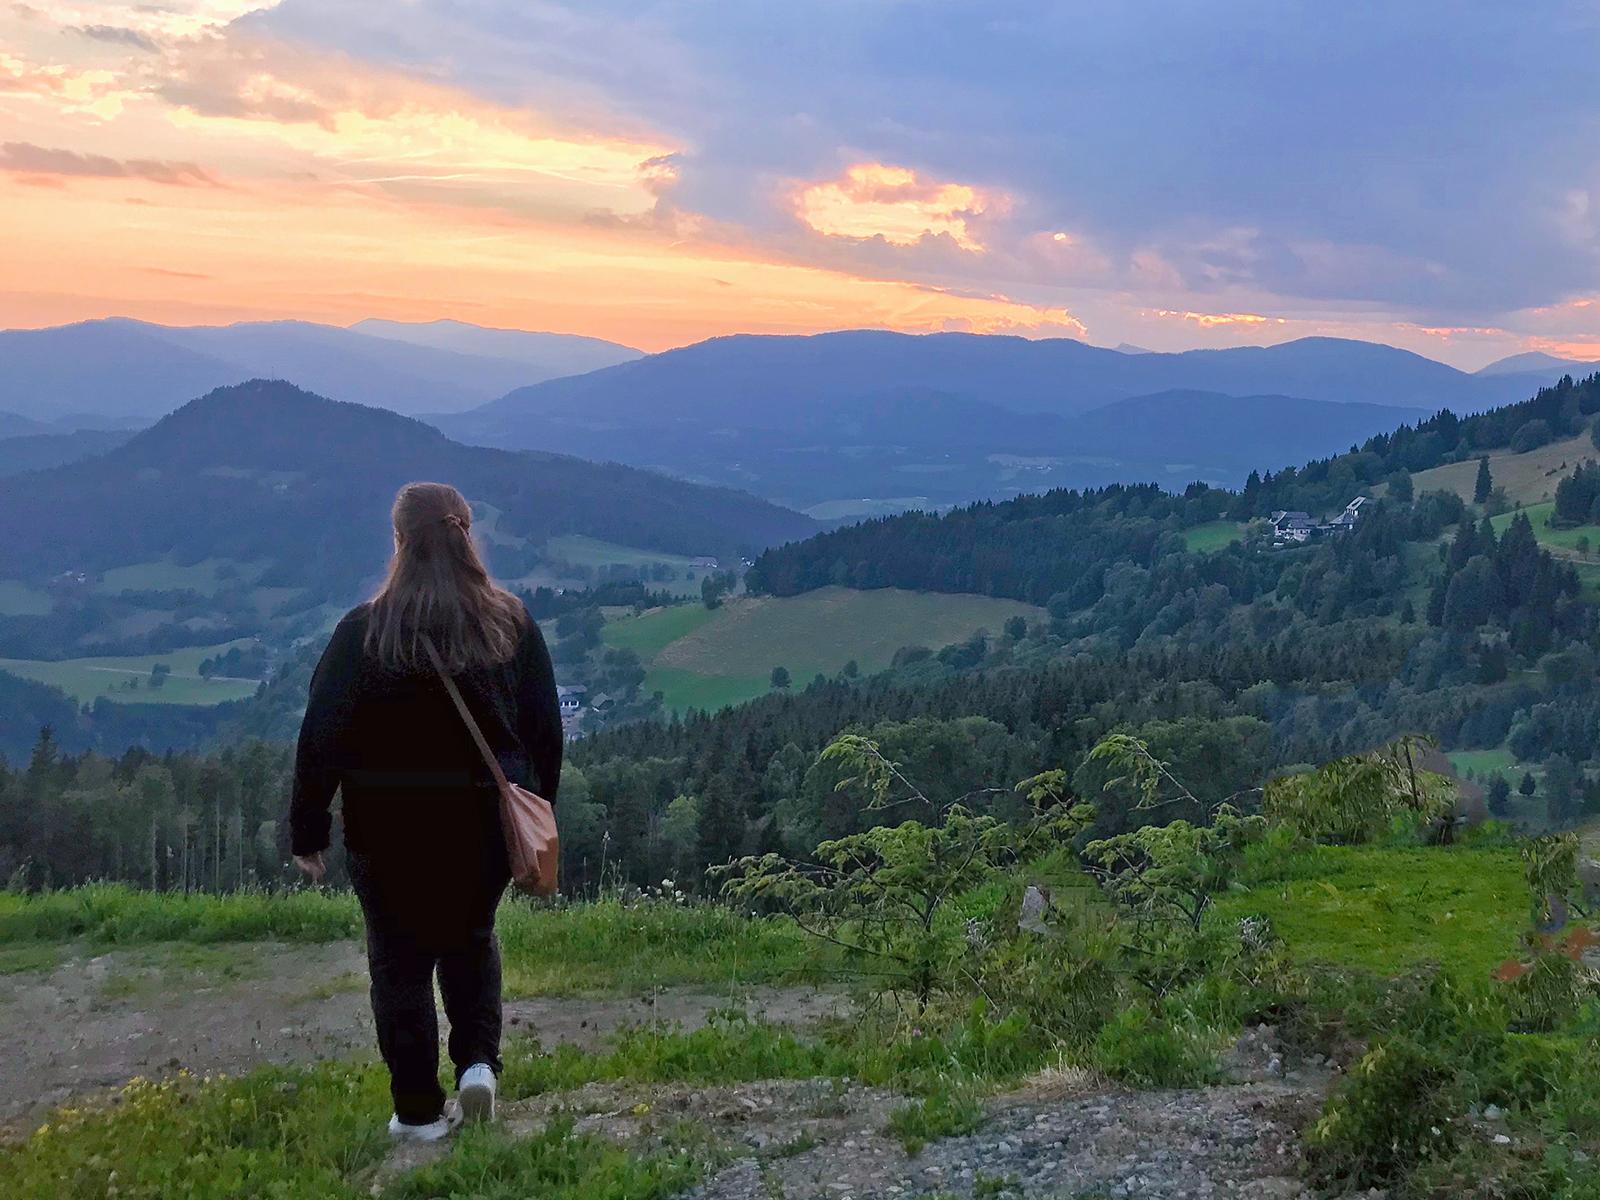 Kärnten für alle Sinne: Zurück zu jenem Ort, wo die Reise begann